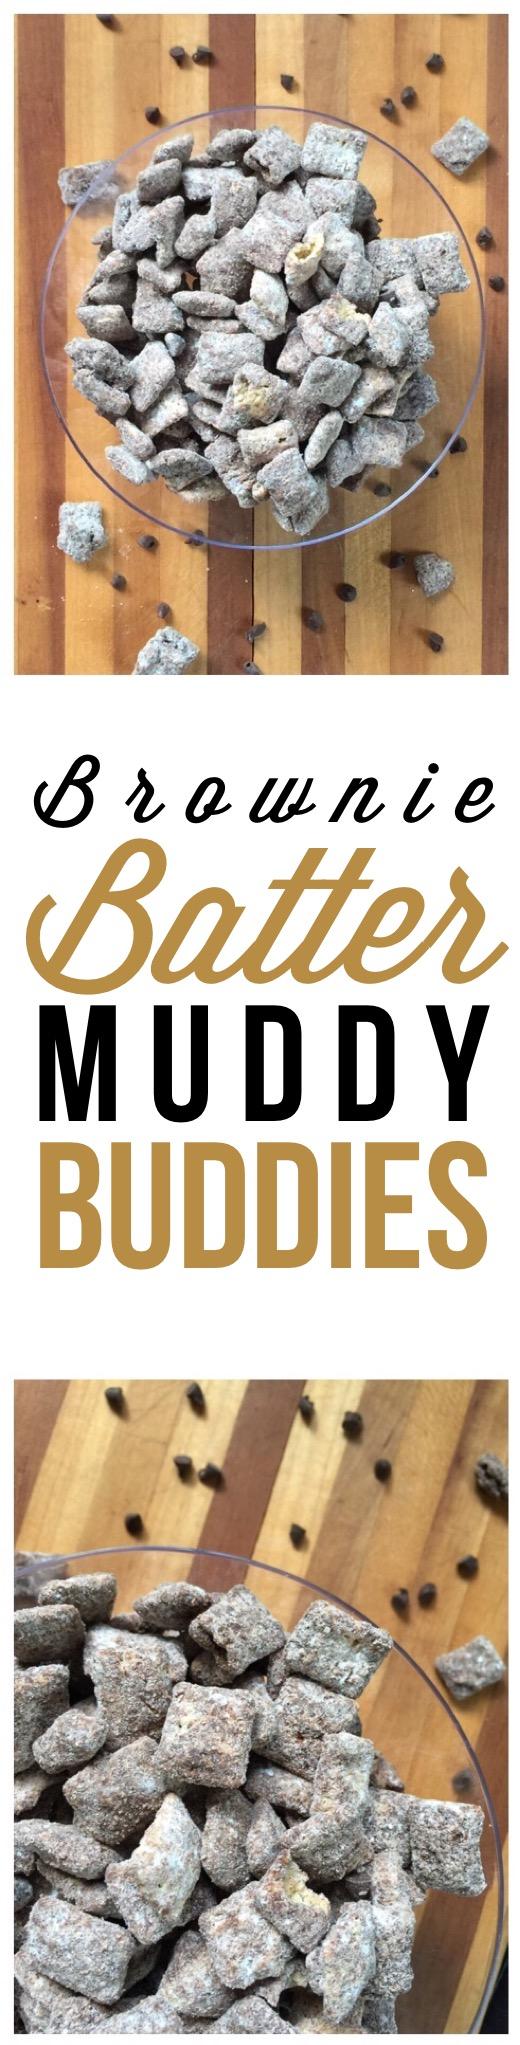 Brownie Batter Muddy Buddies collage